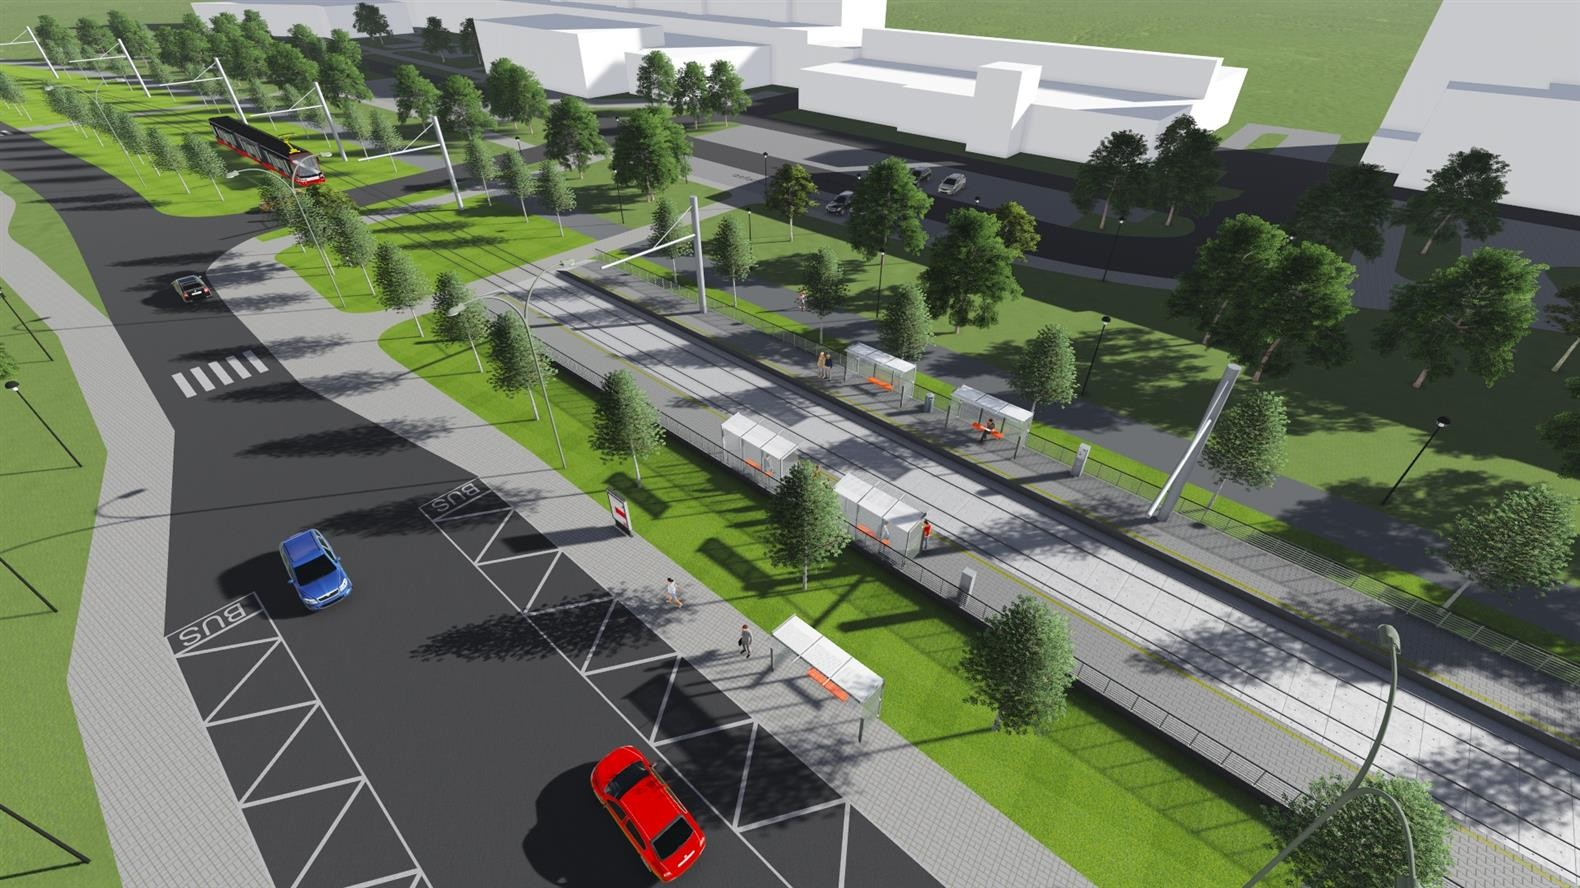 a29fb00e0 ... ružové = odstavná hala pre 12 električiek, žlté = nové cesty, modré =  cyklotrasy, svetlomodré = výhľadové komunikácie Južného mesta a výhľadová  vozovňa ...